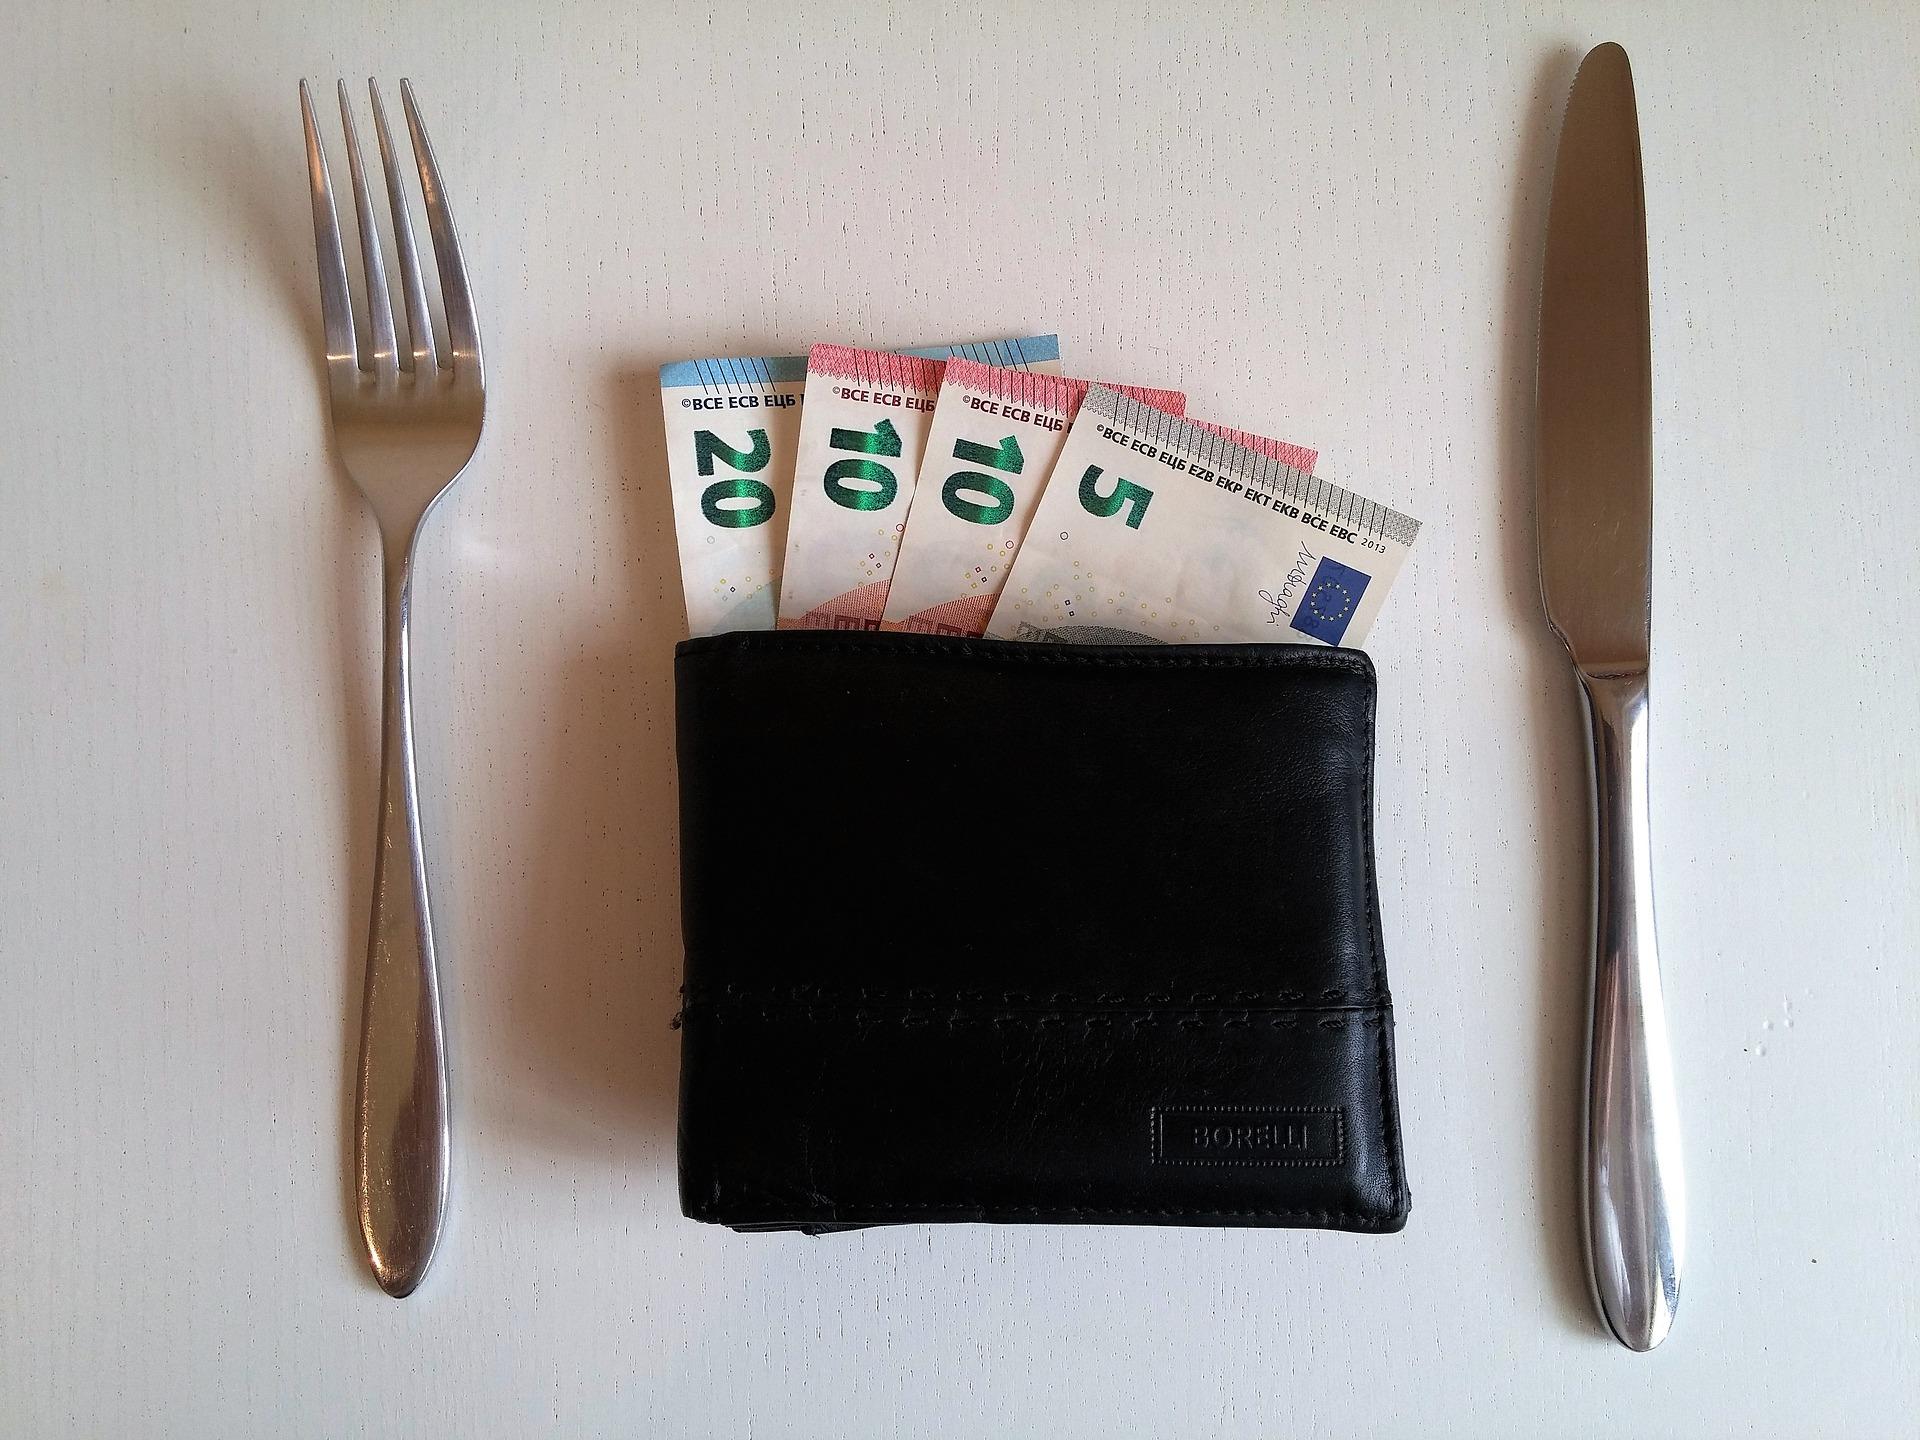 Hoe zit het met jouw geldgewoontes